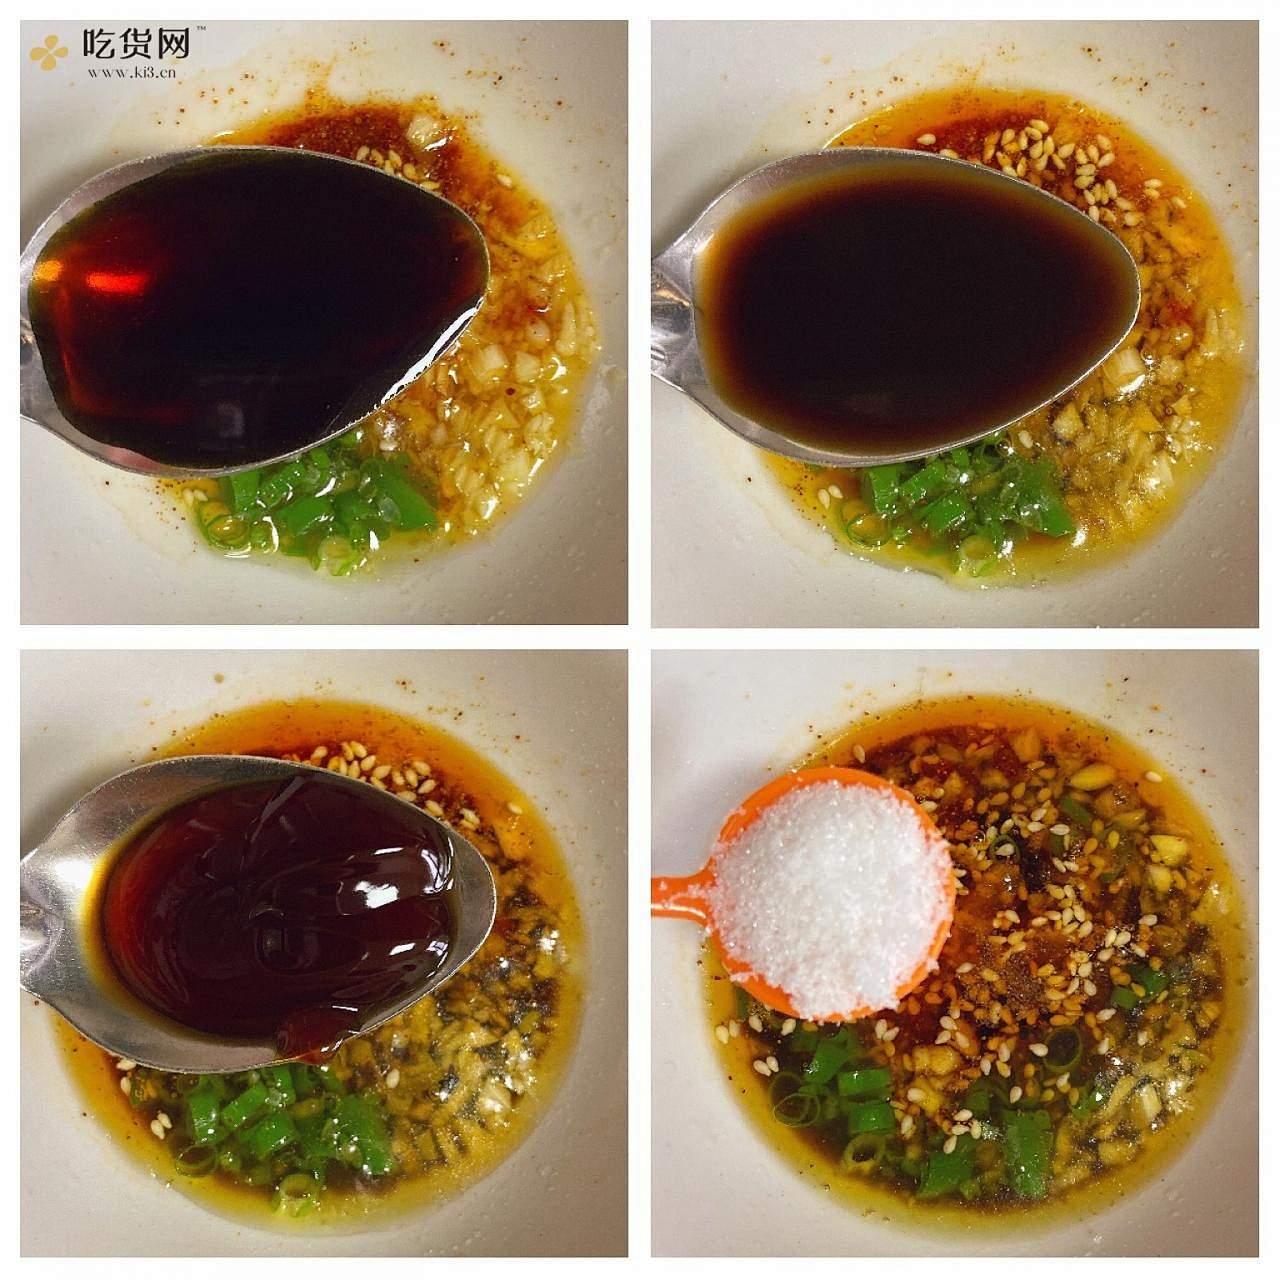 🌿夏季必备酸辣凉拌面💯清爽美味的神仙主食✨的做法 步骤2